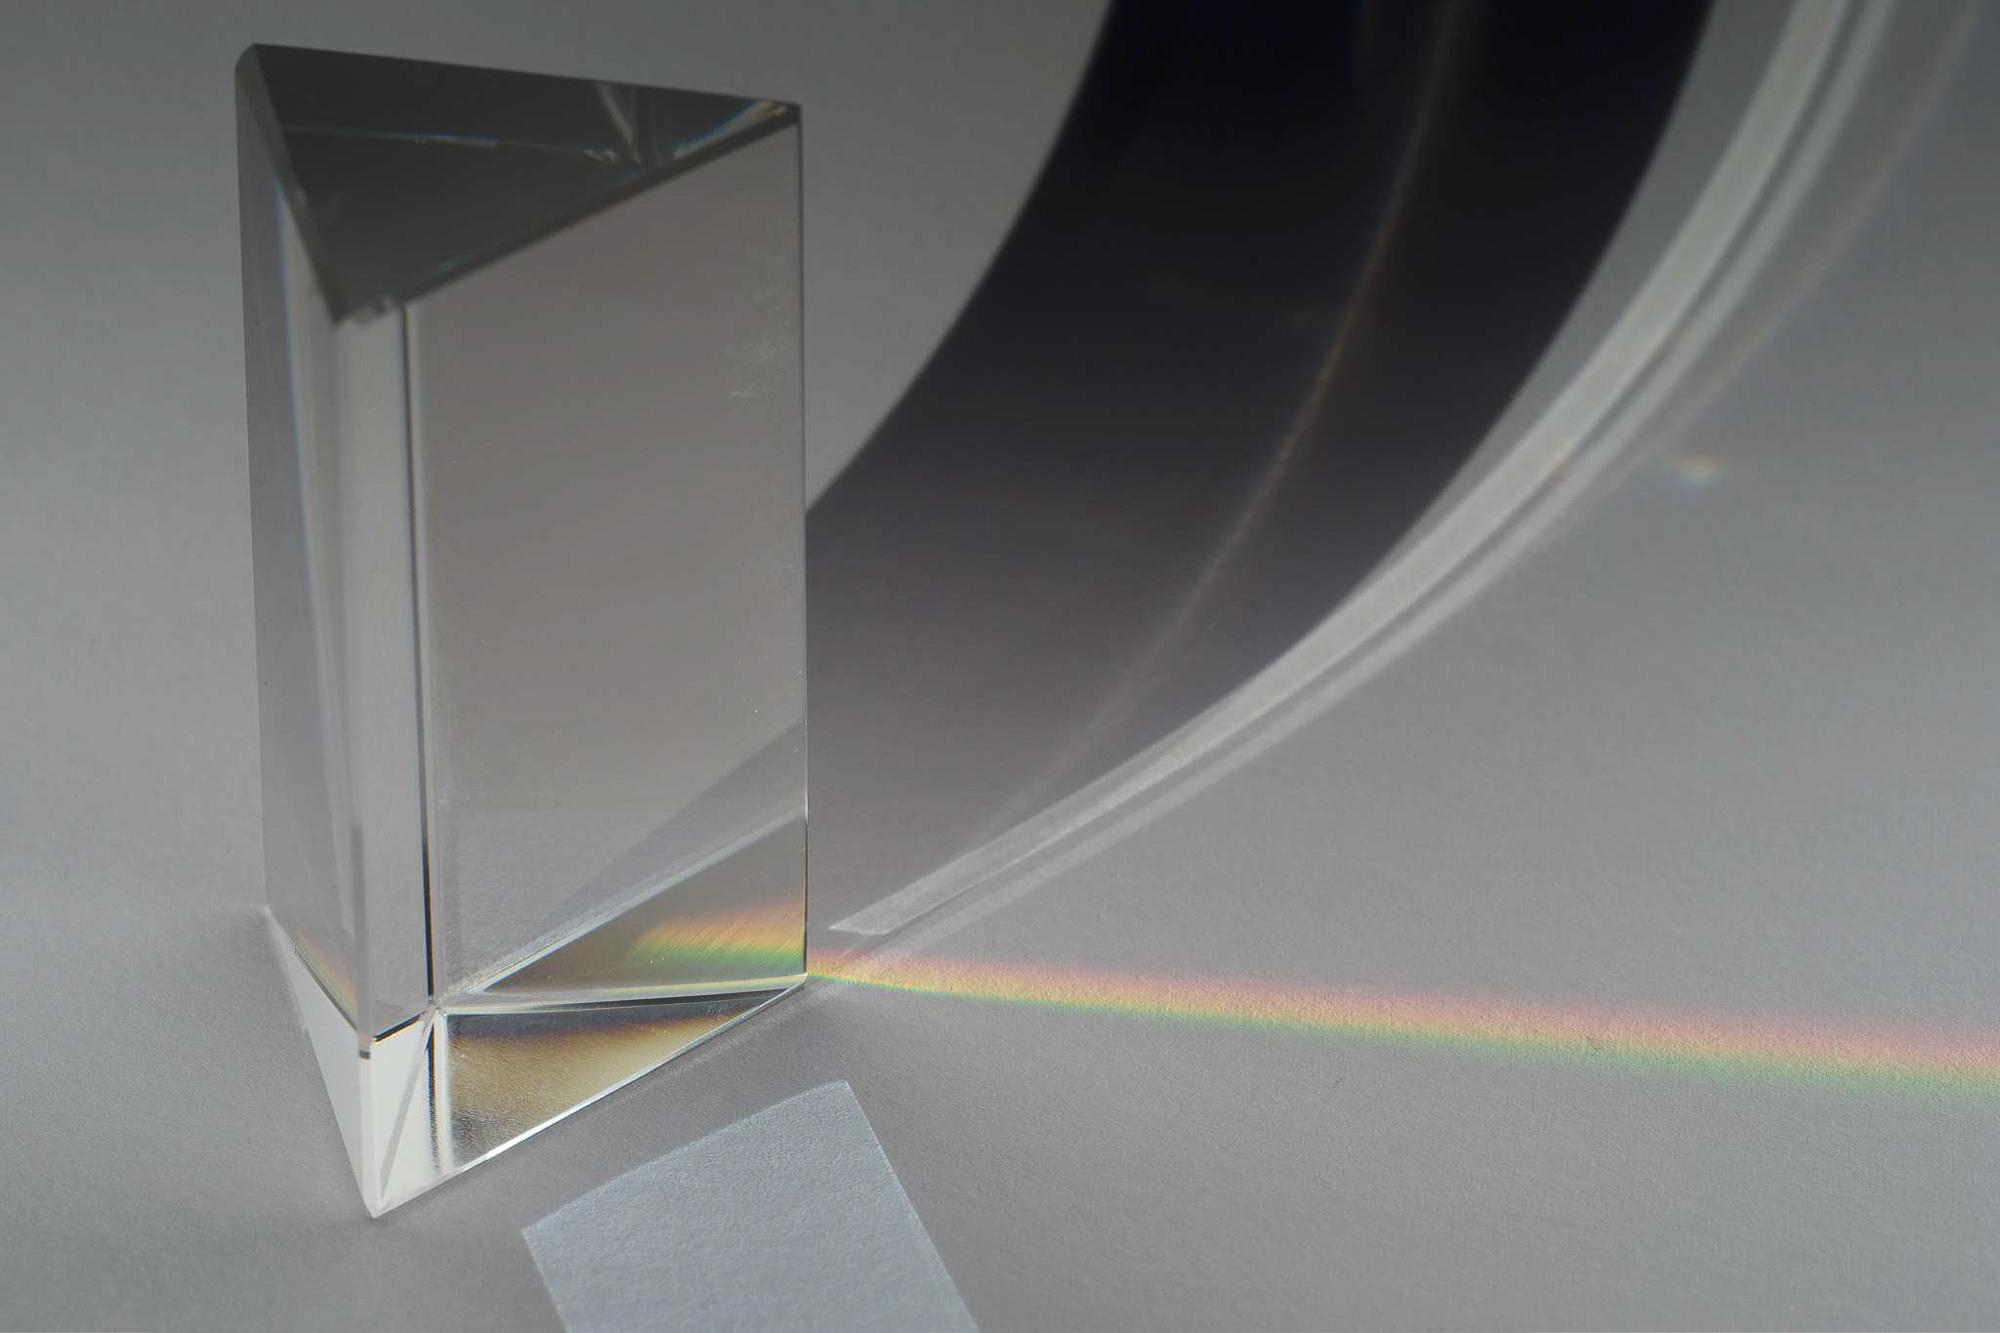 Licht, in Anteile verschiedener Wellenlänge zerlegt